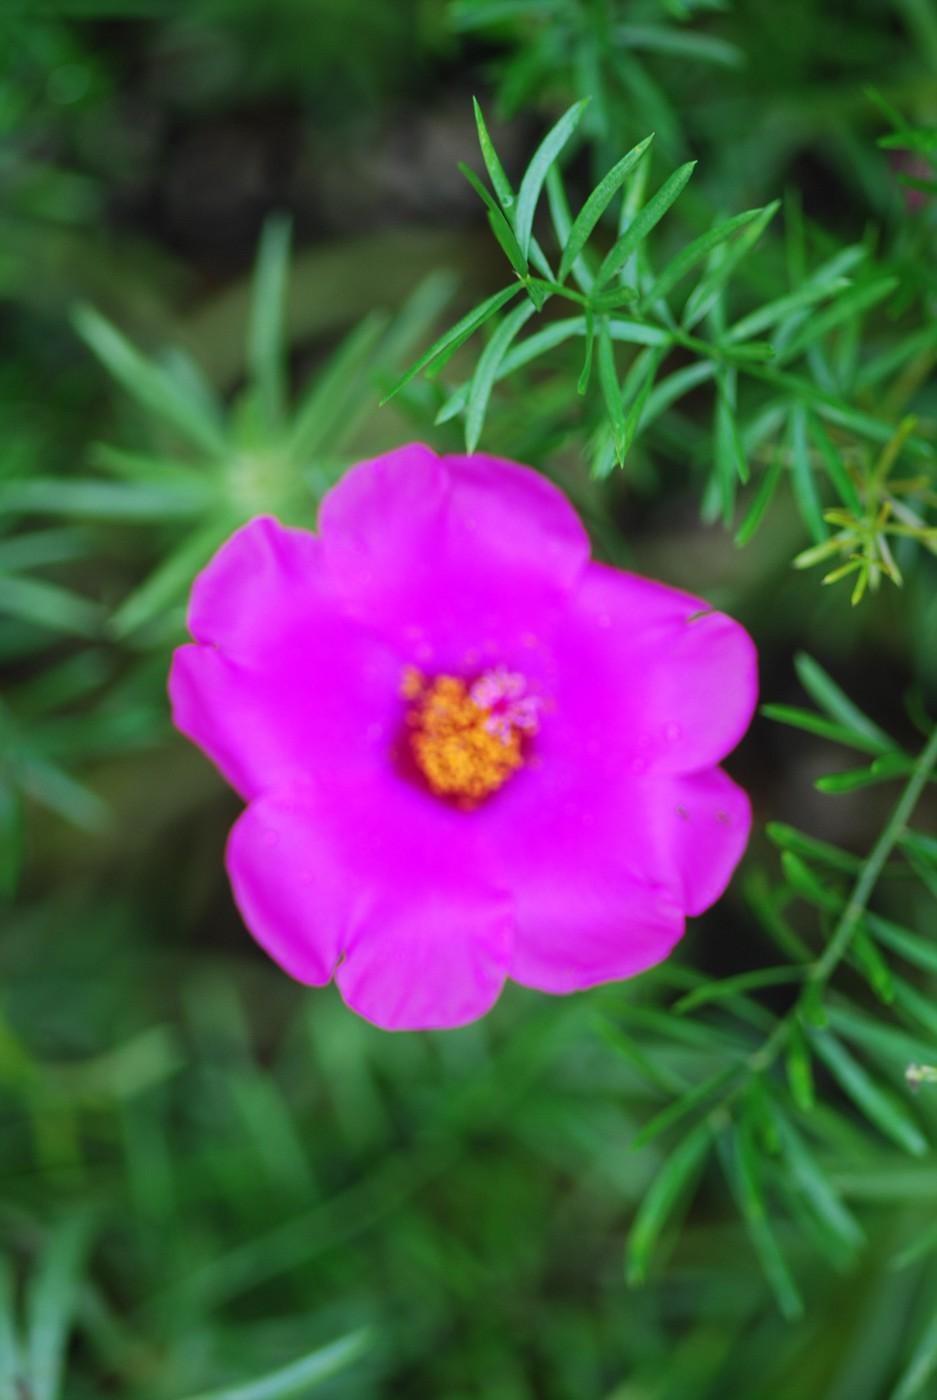 flowers 105mm micro nicor 003